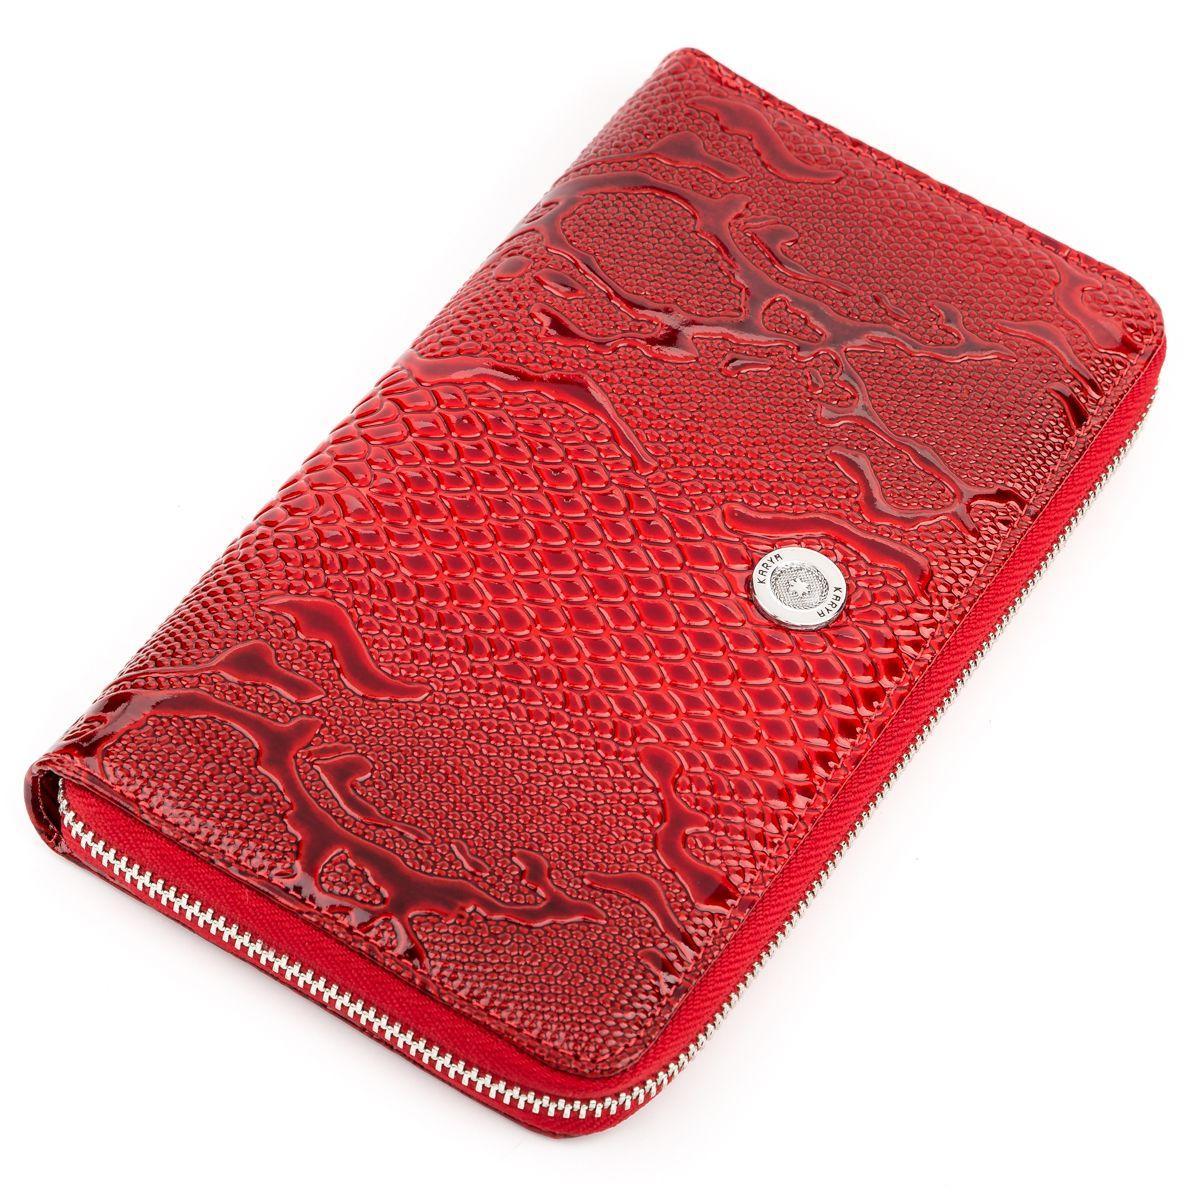 Гаманець-клатч жіночий KARYA 17070 шкіряний Червоний, Червоний